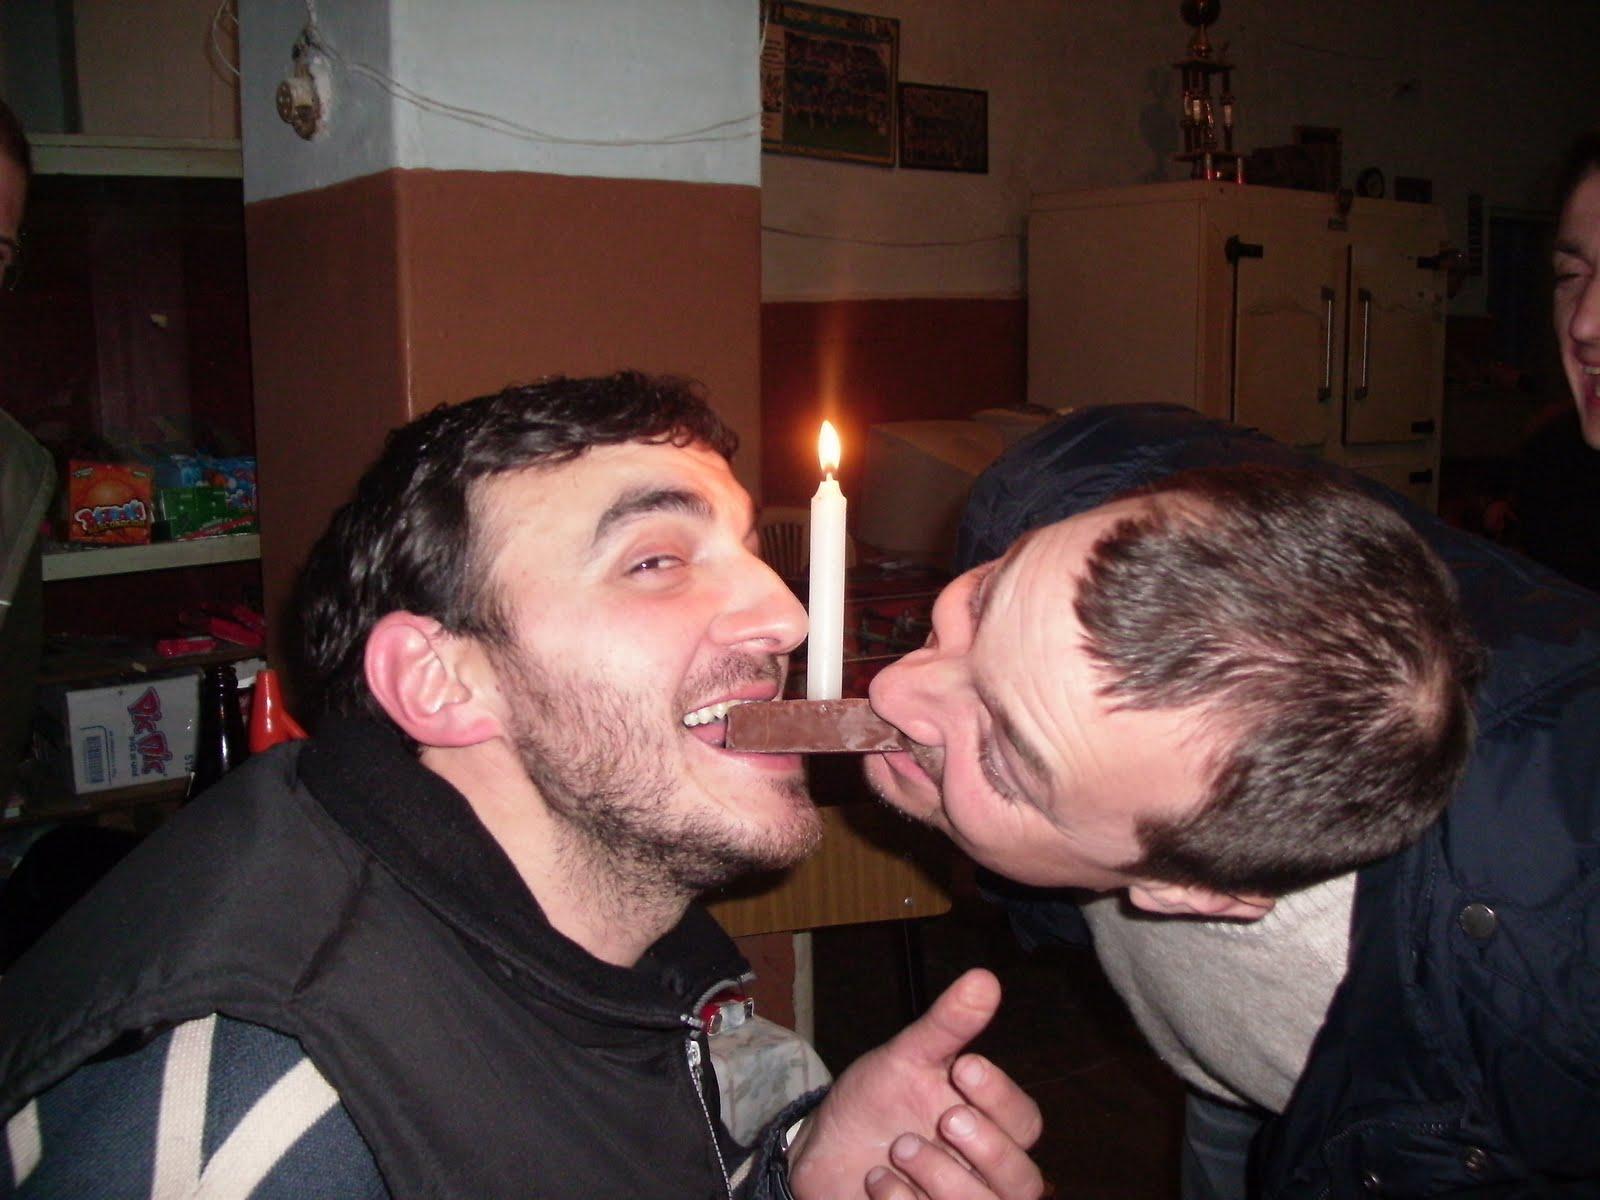 Noruega corte gay